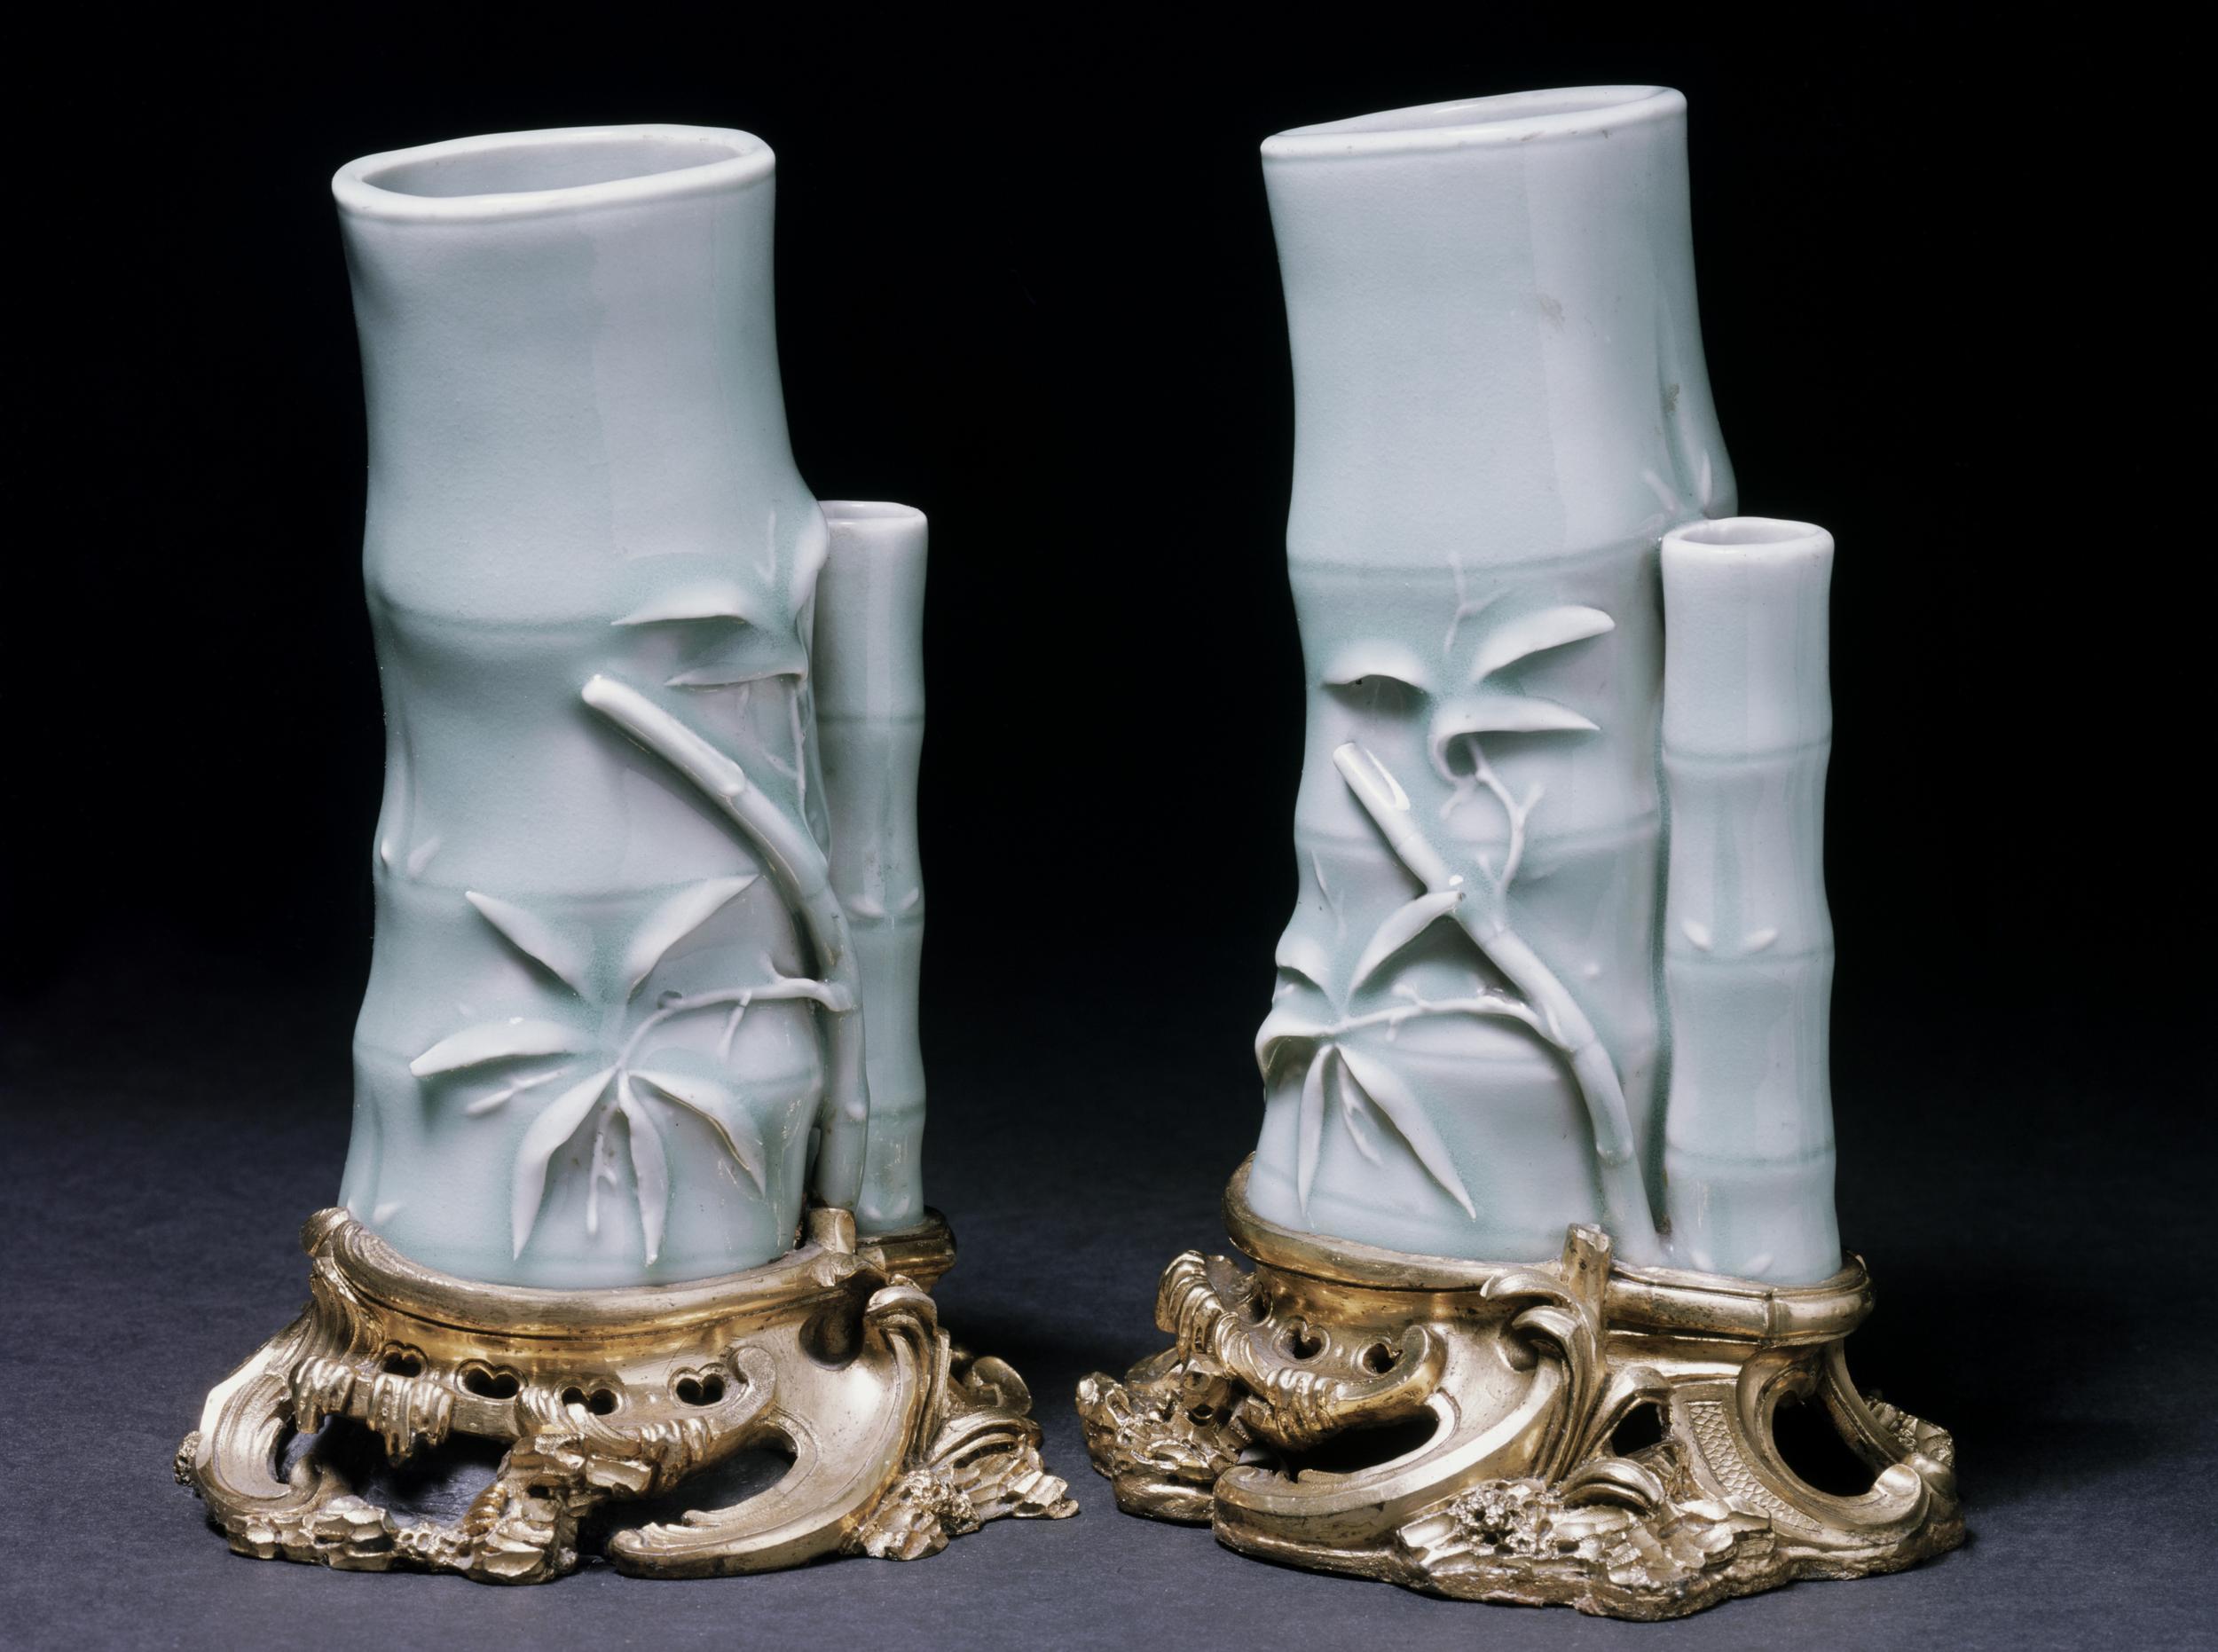 Vases chinois inspirés du bambou, céladon (porcelaine verte), vers 1700, enrichis d'une monture d'orfèvrerie exécutée en France au milieu du XVIIIe siècle, Londres, Victoria and Albert Museum